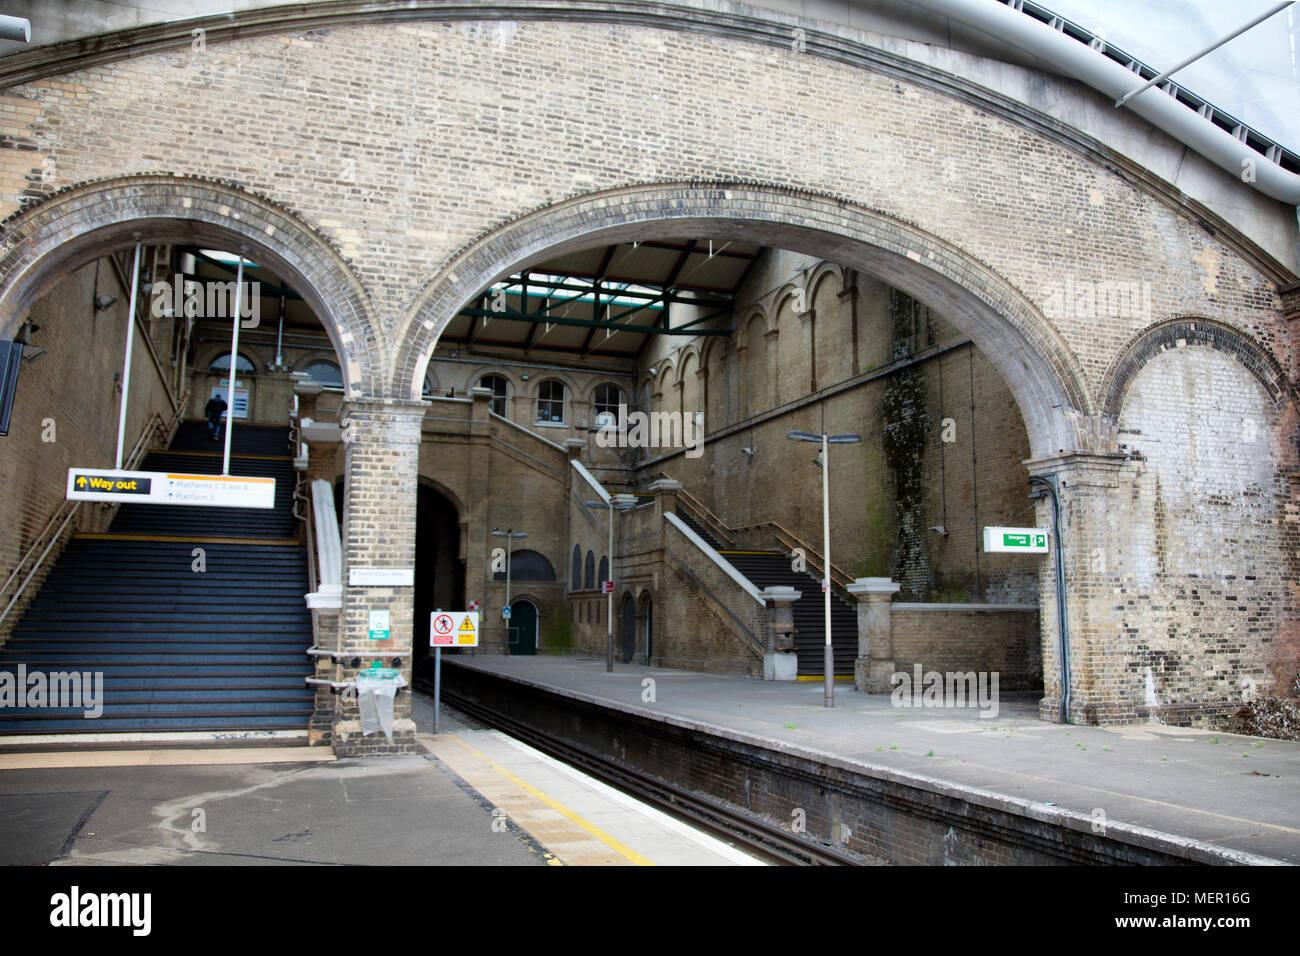 la-estacion-de-tren-crystal-palace-de-londres-gran-bretana-mer16g.jpg